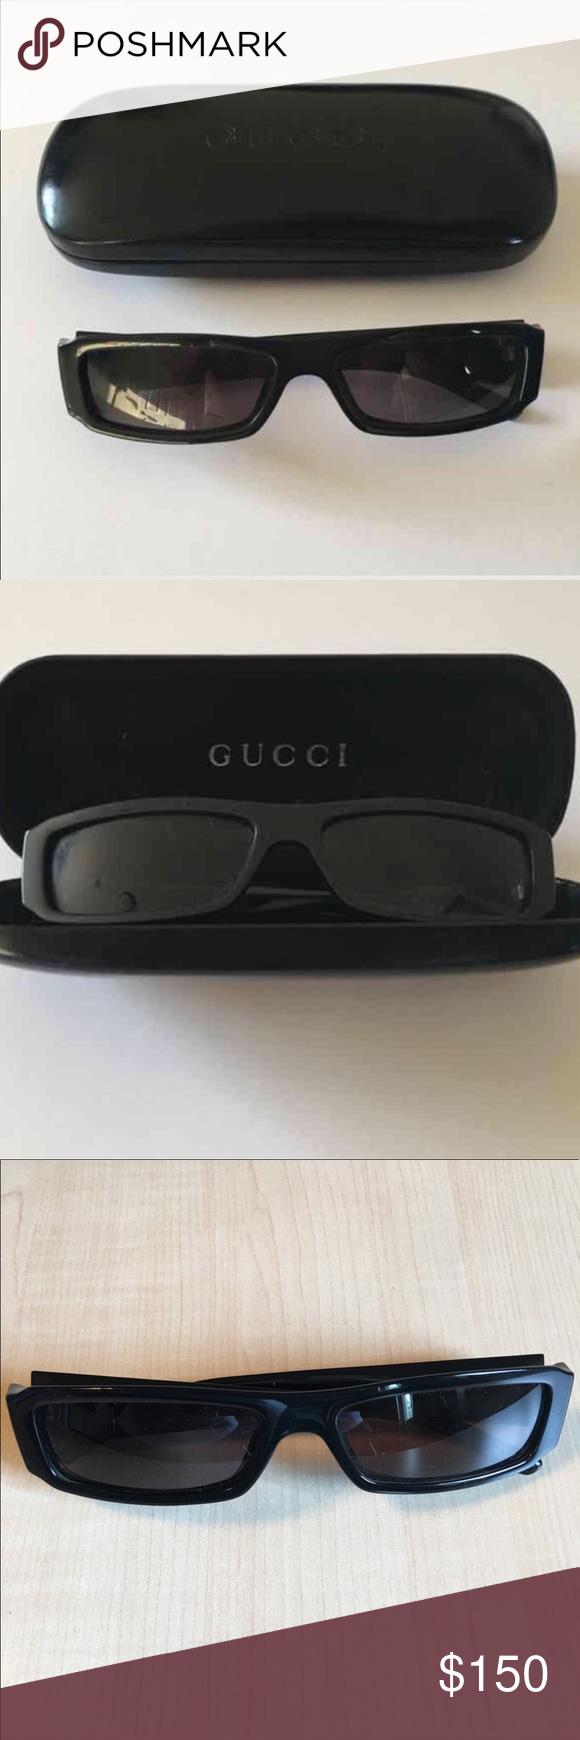 GUCCI Sunglasses Gucci Sunglasses  Model: 1453/S  100% Authentic- Unisex  Comes with original case -C- Gucci Accessories Sunglasses